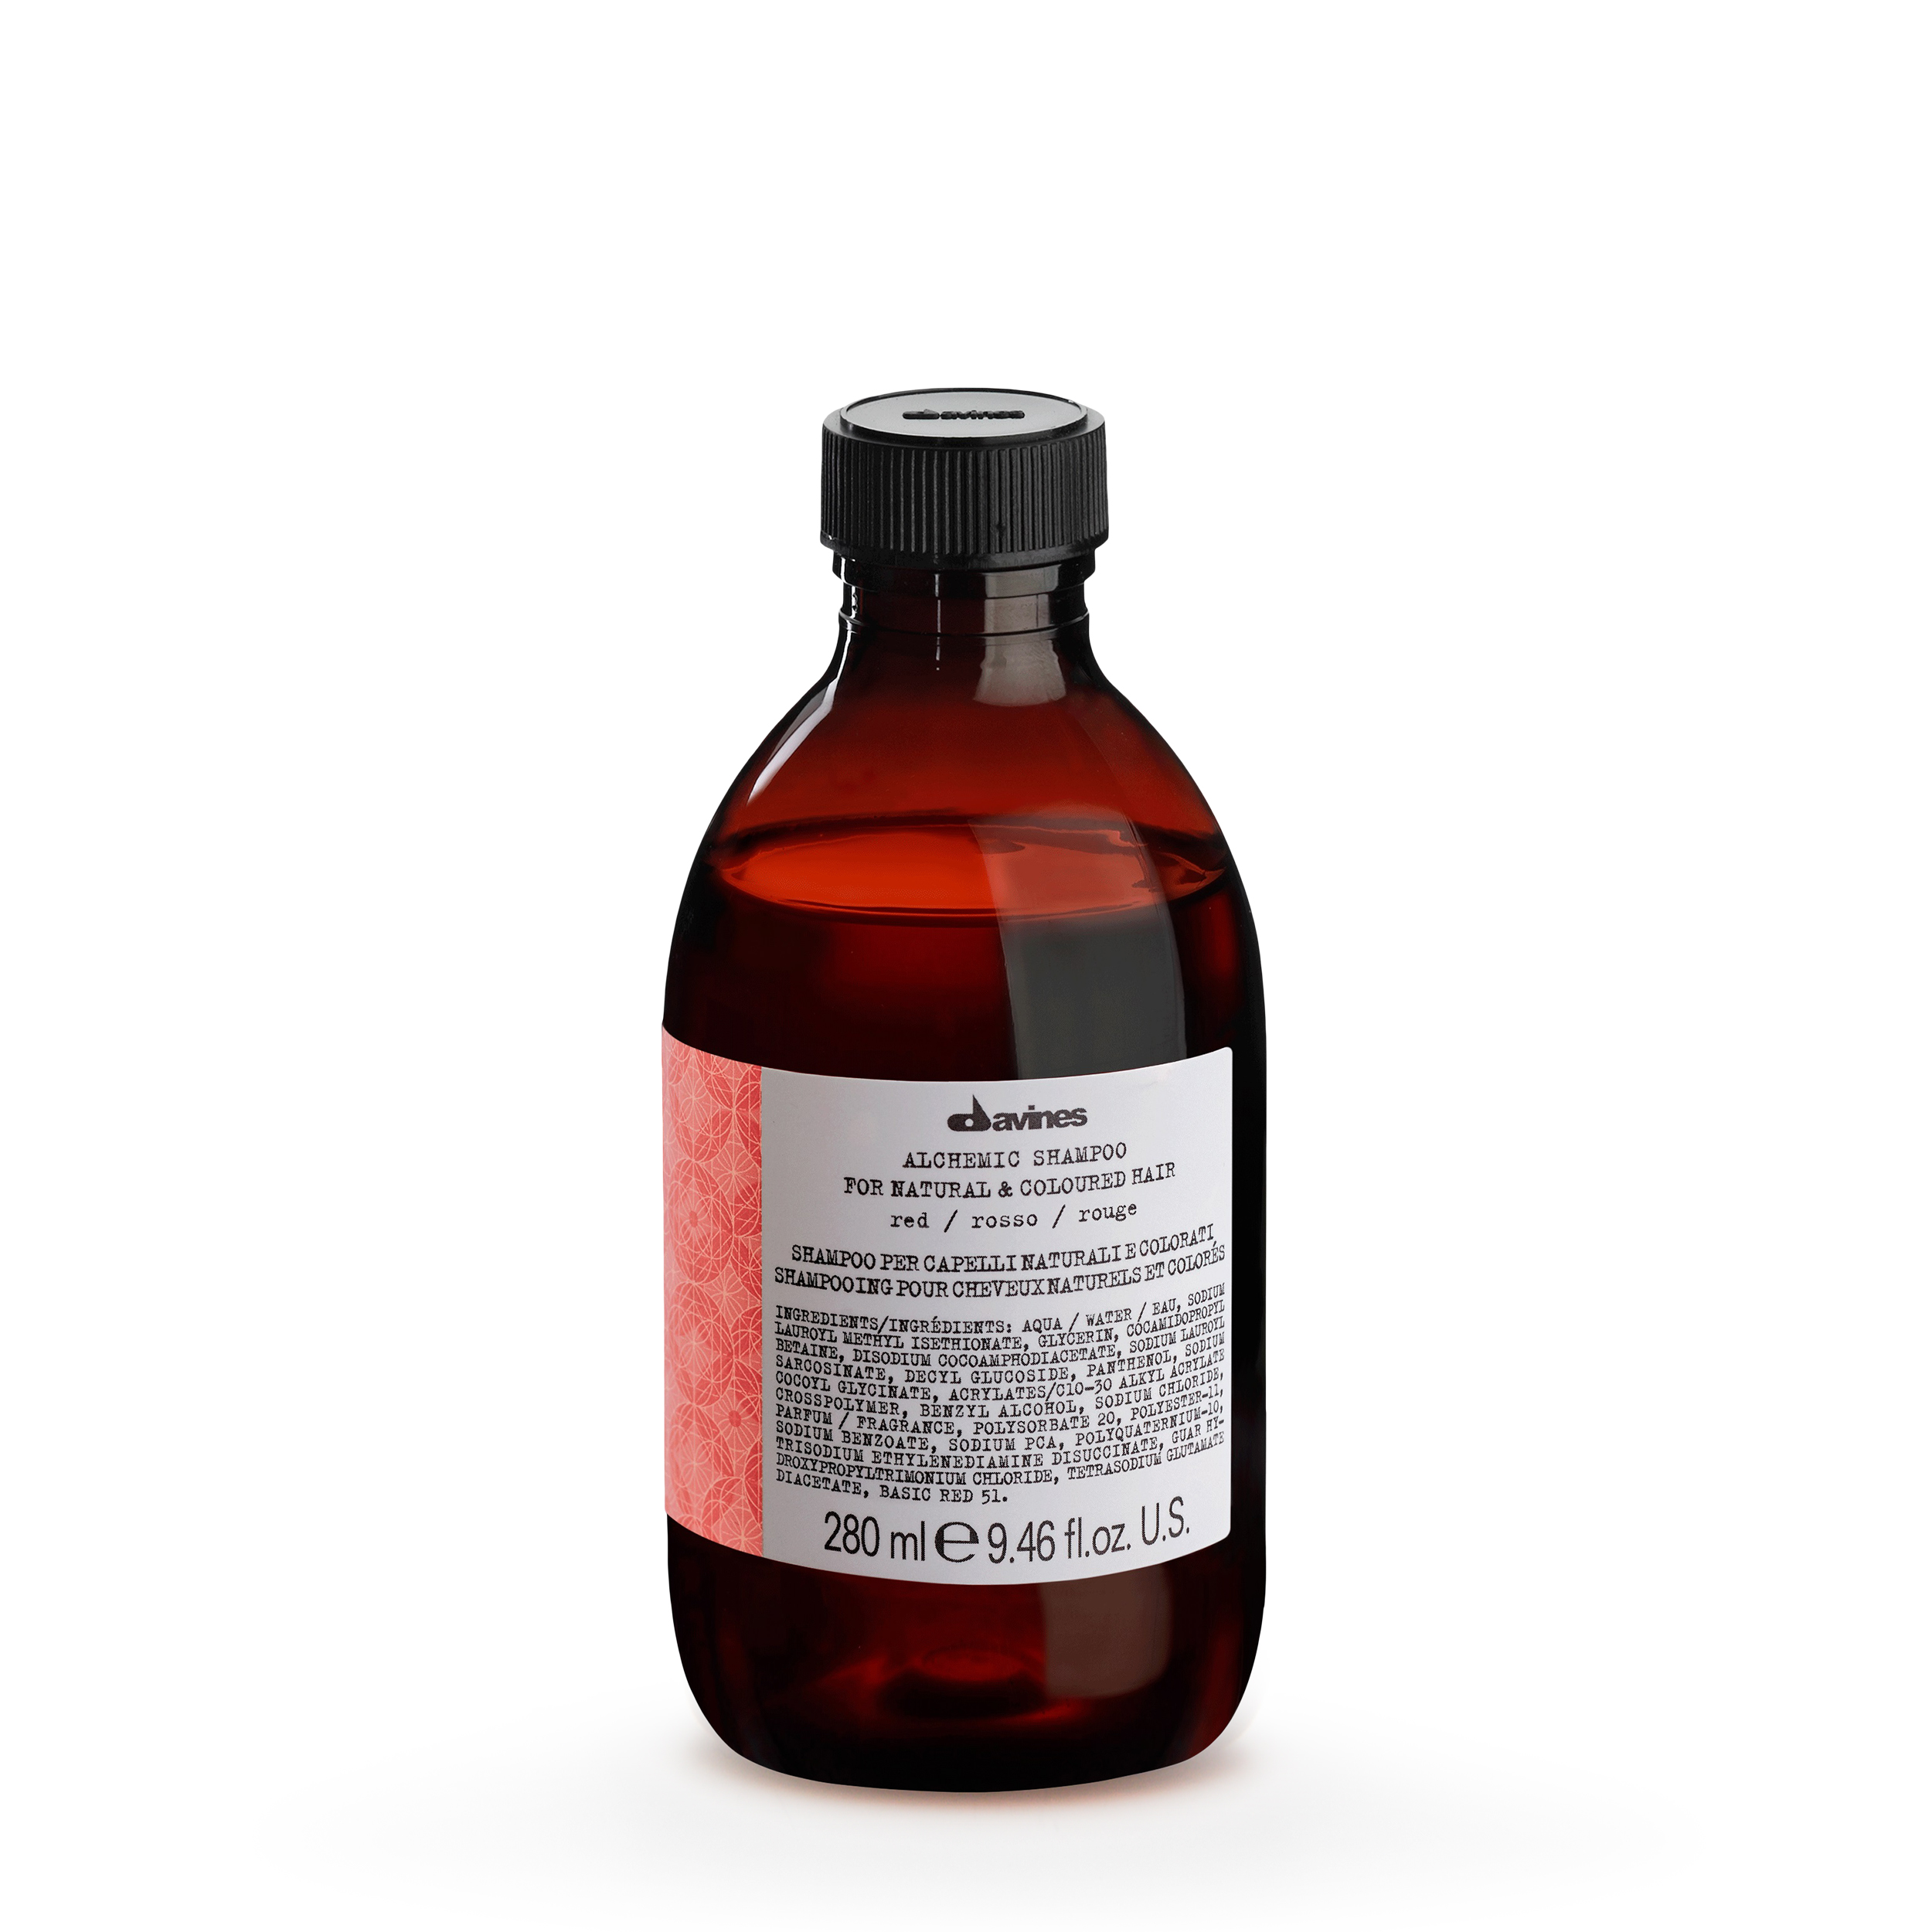 Davines Оттеночный шампунь «Алхимик», красный 280 мл фото